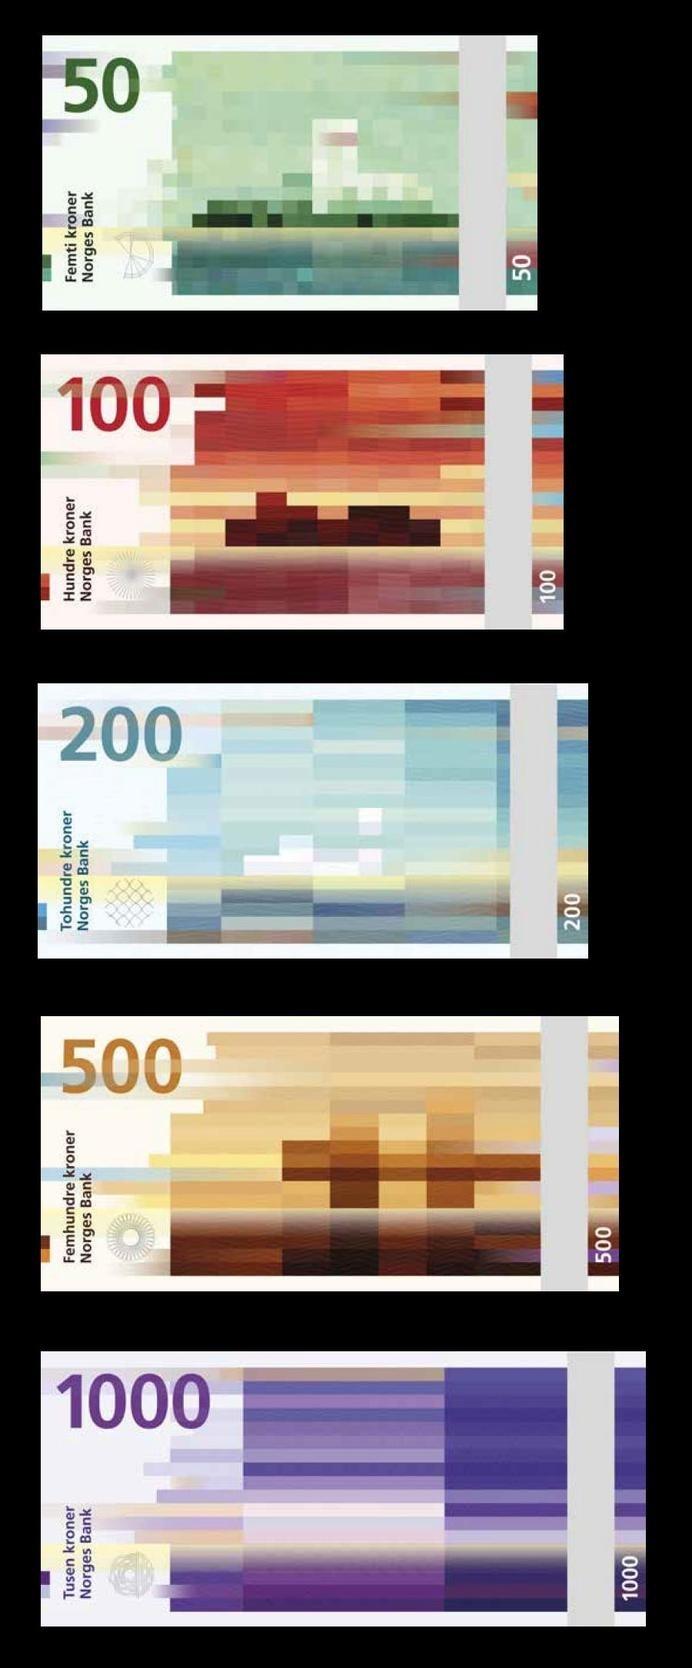 The new norwegian currency design. #design #norwegian #currency